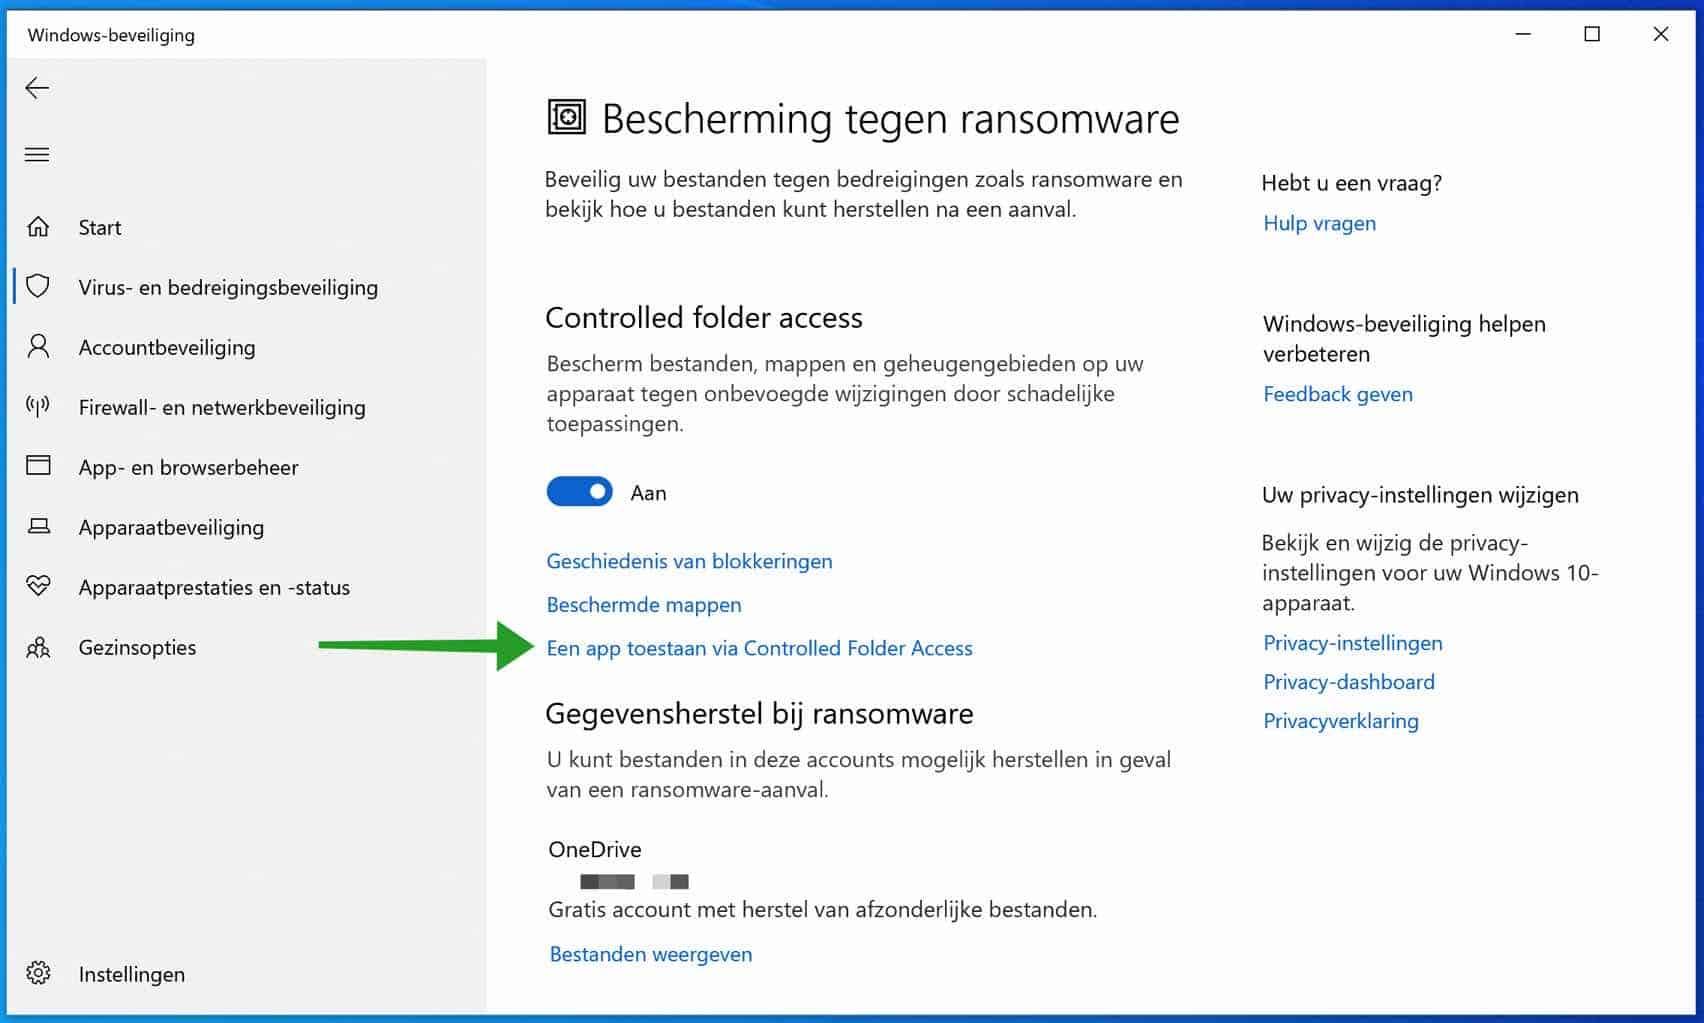 Een app toestaan via Controlled folder access